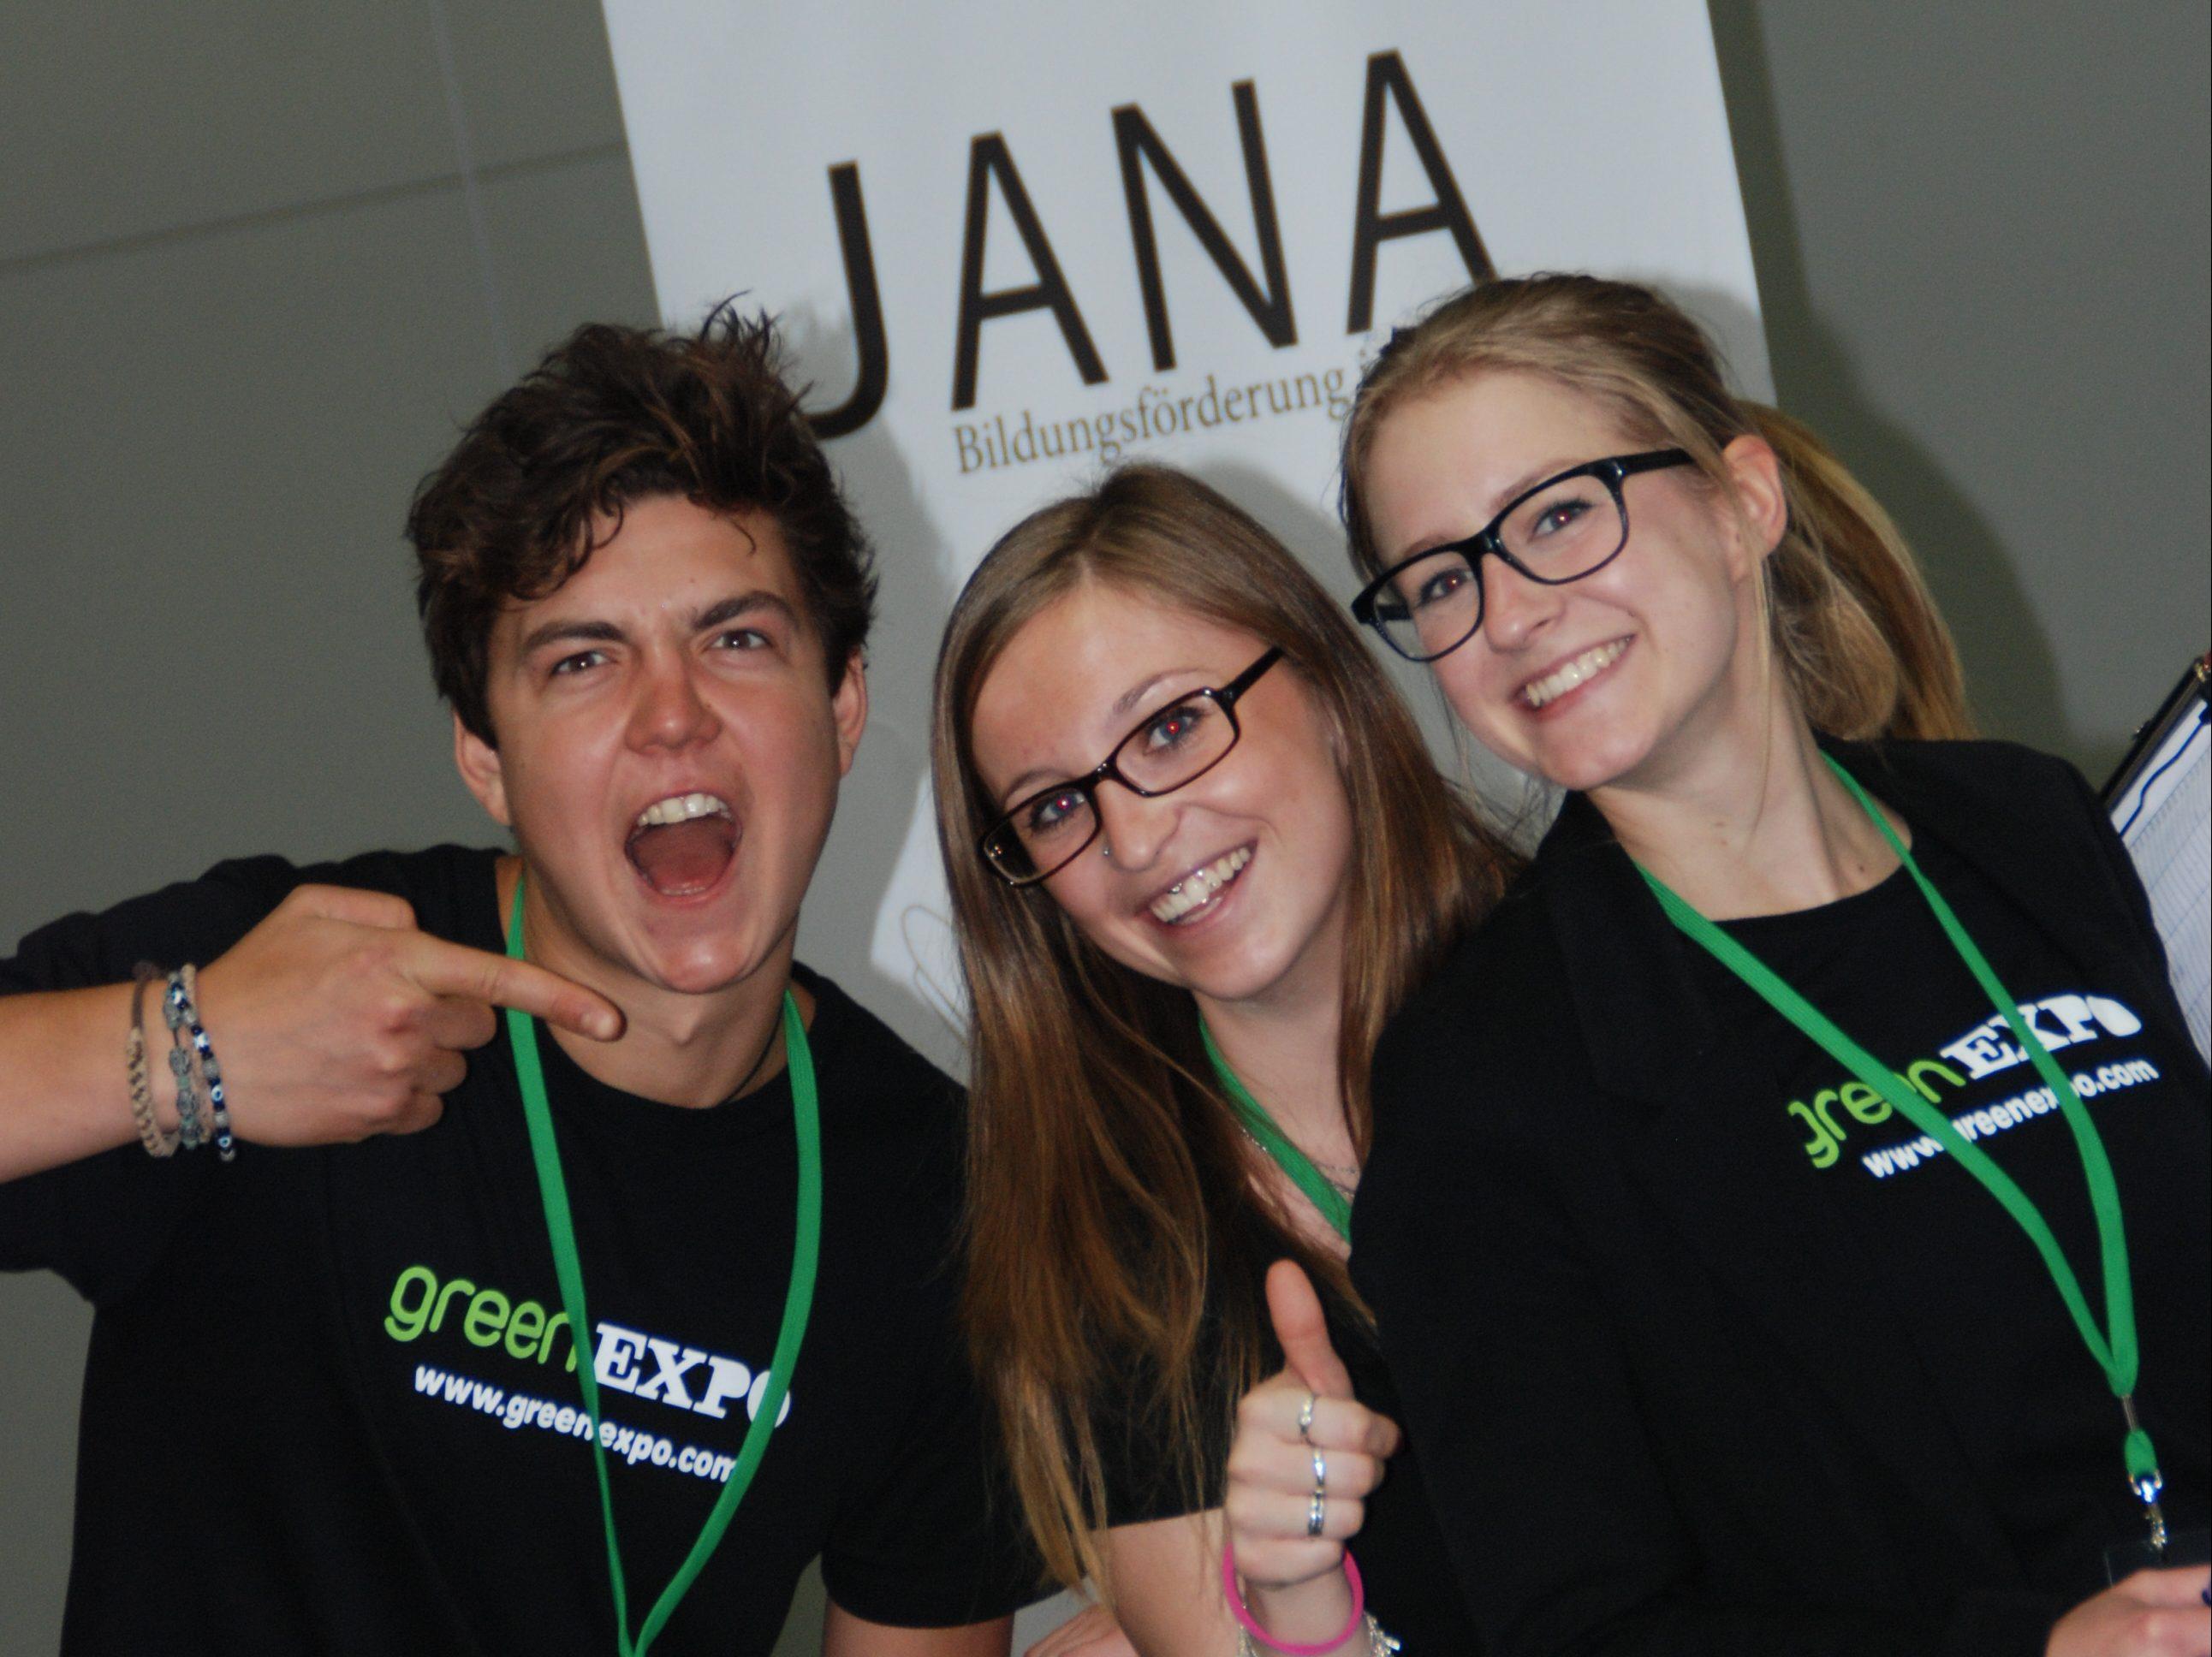 JANA bei der 'Green Expo' in Wien